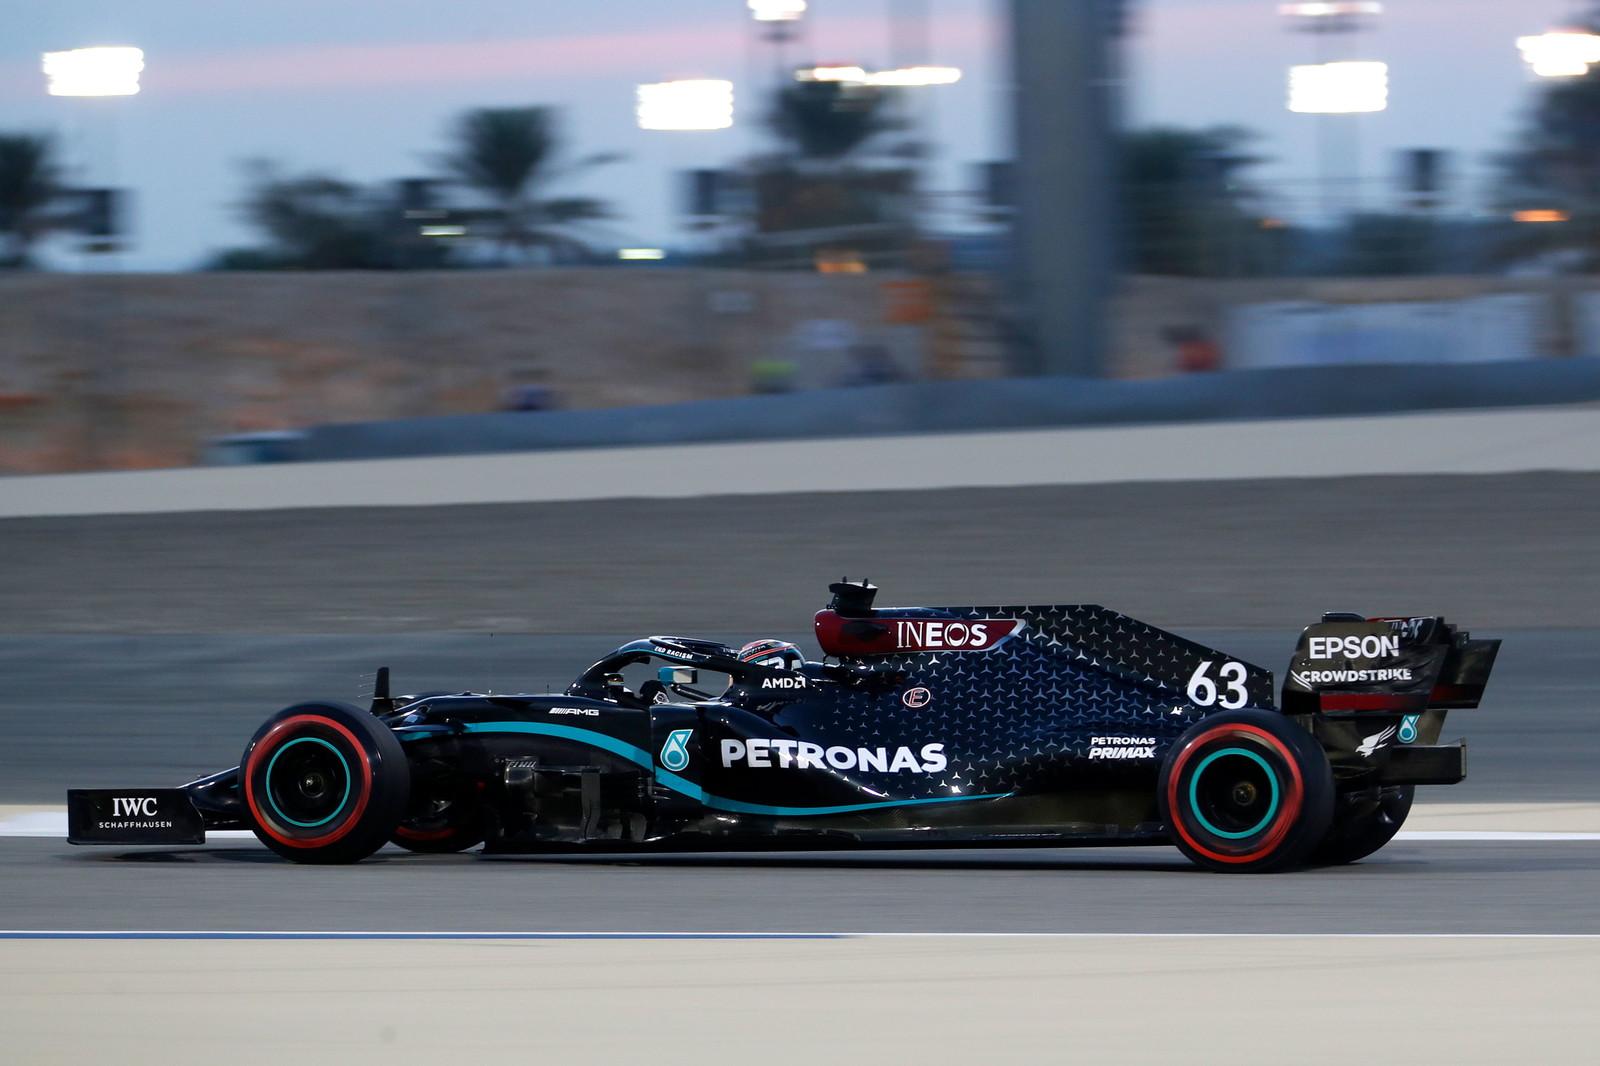 Il penultimo fine settimana di Formula Uno si correr&agrave; nell&#39;inedito &quot;Outer track&quot; di Sakhir, la pista esterna del circuito alla periferia di Manama<br /><br />